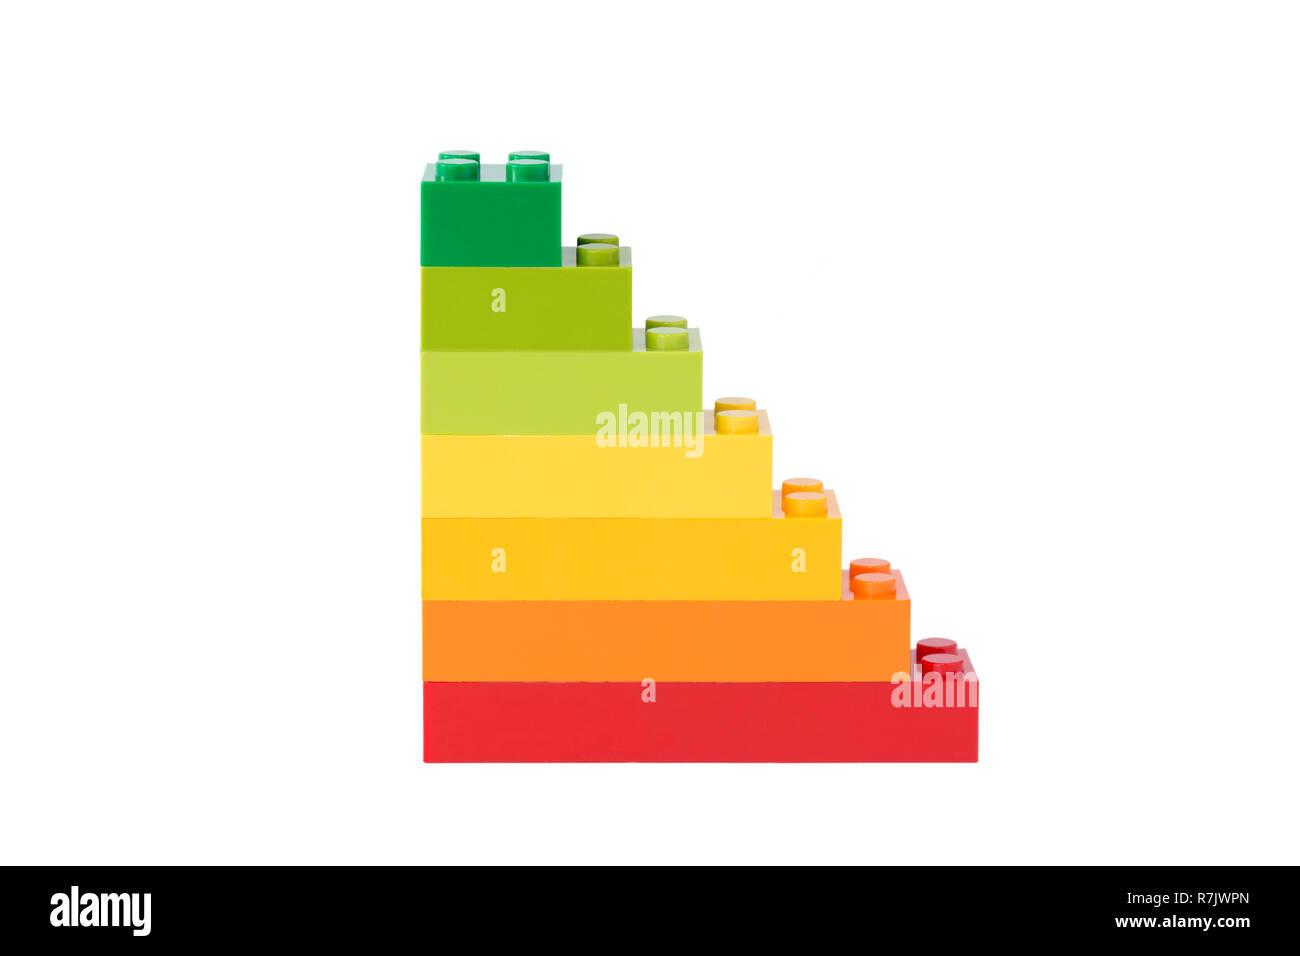 Leer Europäische Union Energieeffizienz Label aus Spielzeug Bauklötze, gesehen von der Vorderseite, auf weißem Hintergrund. Stockbild